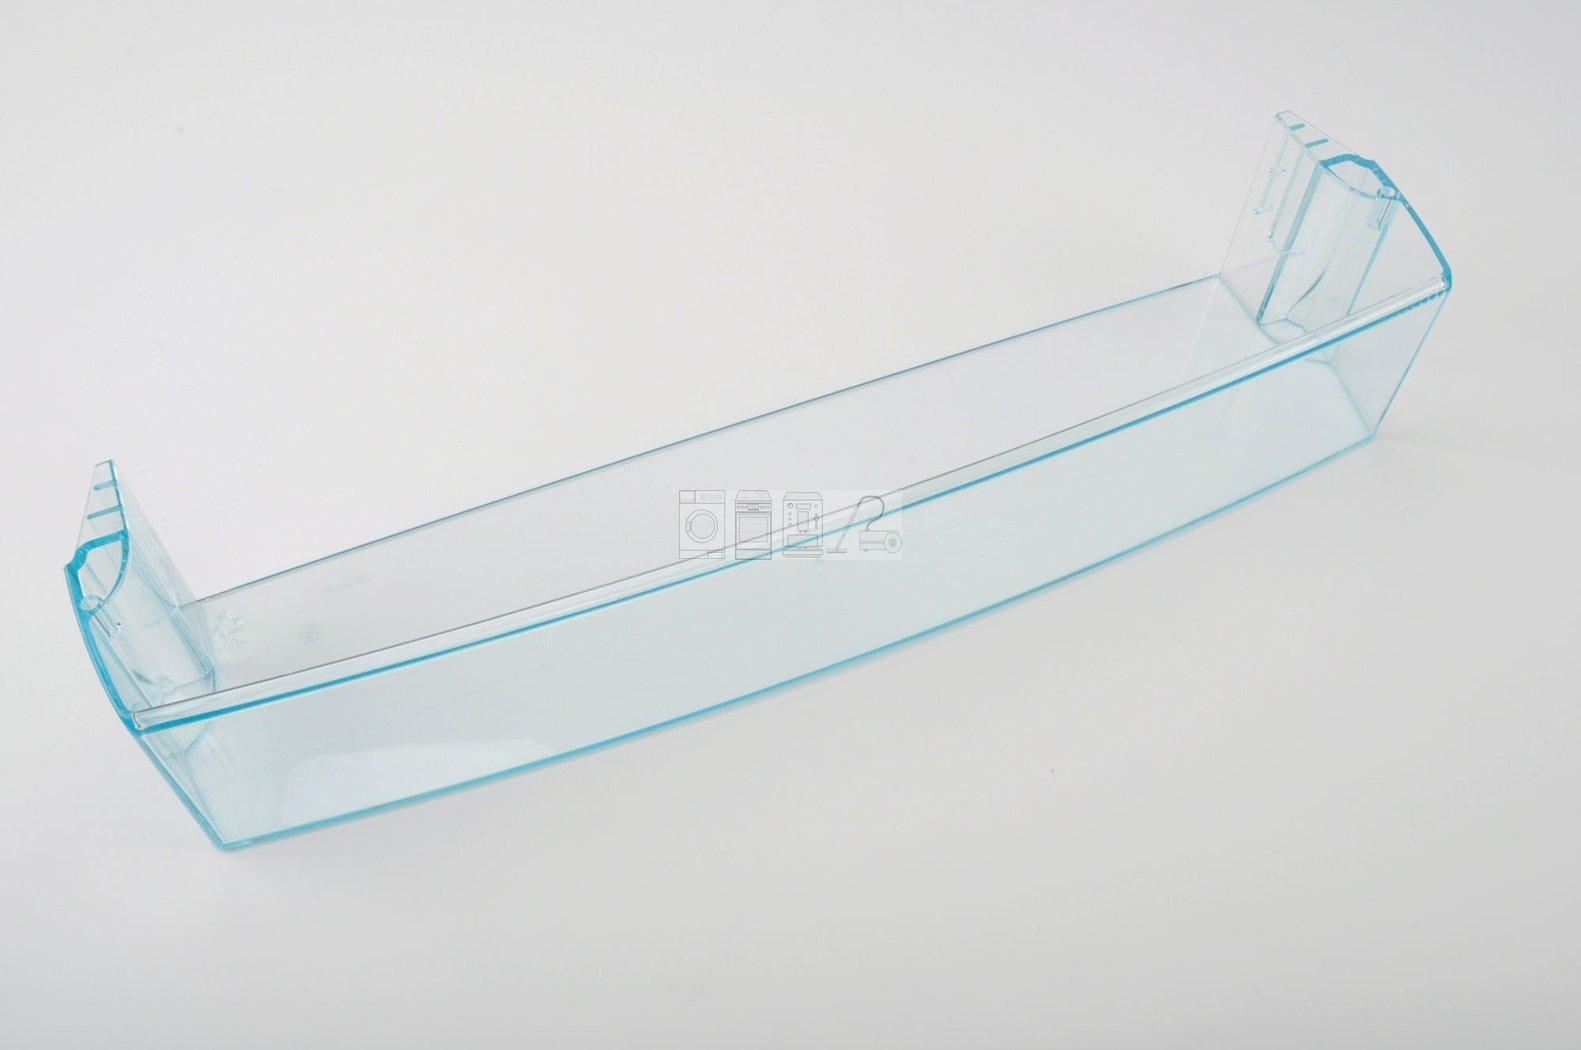 Aeg Kühlschrank Wasserfilter Wechseln Anleitung : Privileg kühlschrank ablage helen